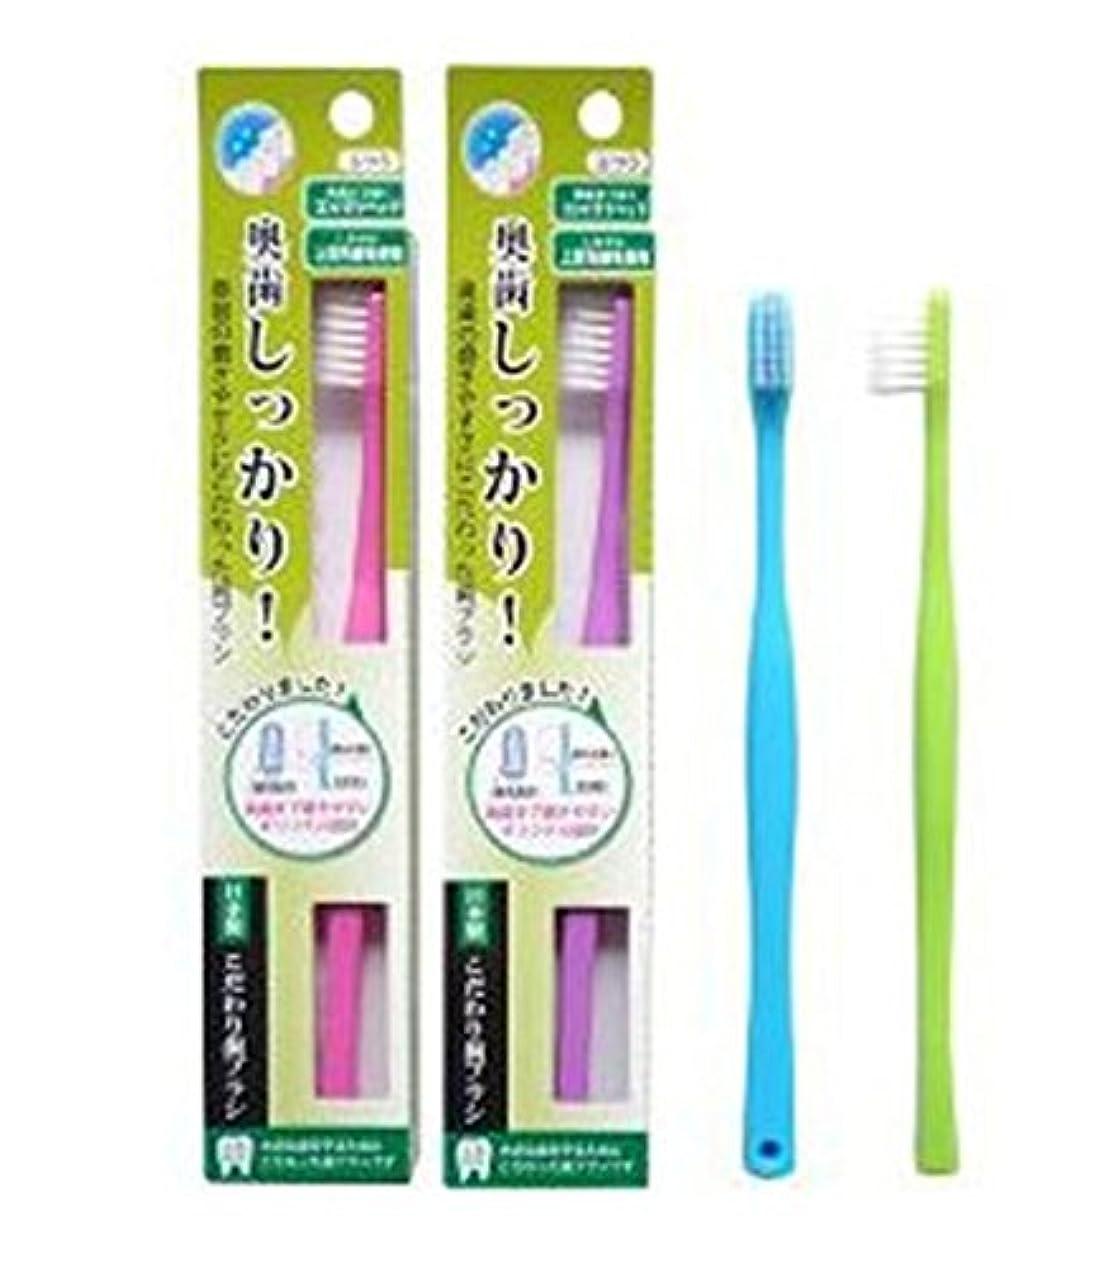 最も早い債務副産物ライフレンジ 奥歯しっかりこだわり歯ブラシ 先細 12本 (ピンク4、パープル4、ブルー2、グリーン2)アソート